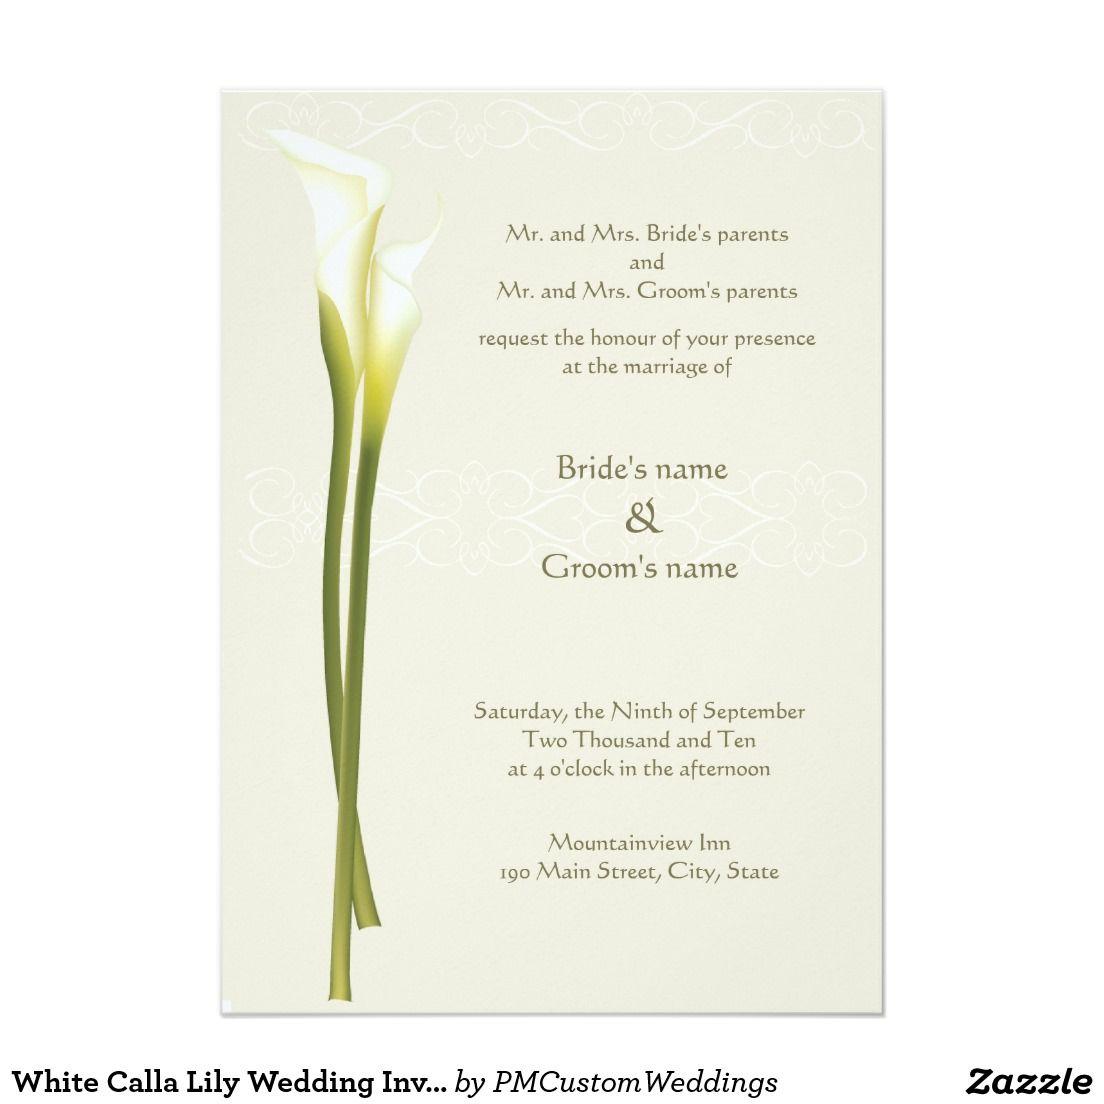 White Calla Lily Wedding Invitation   Wedding   Pinterest   Calla ...